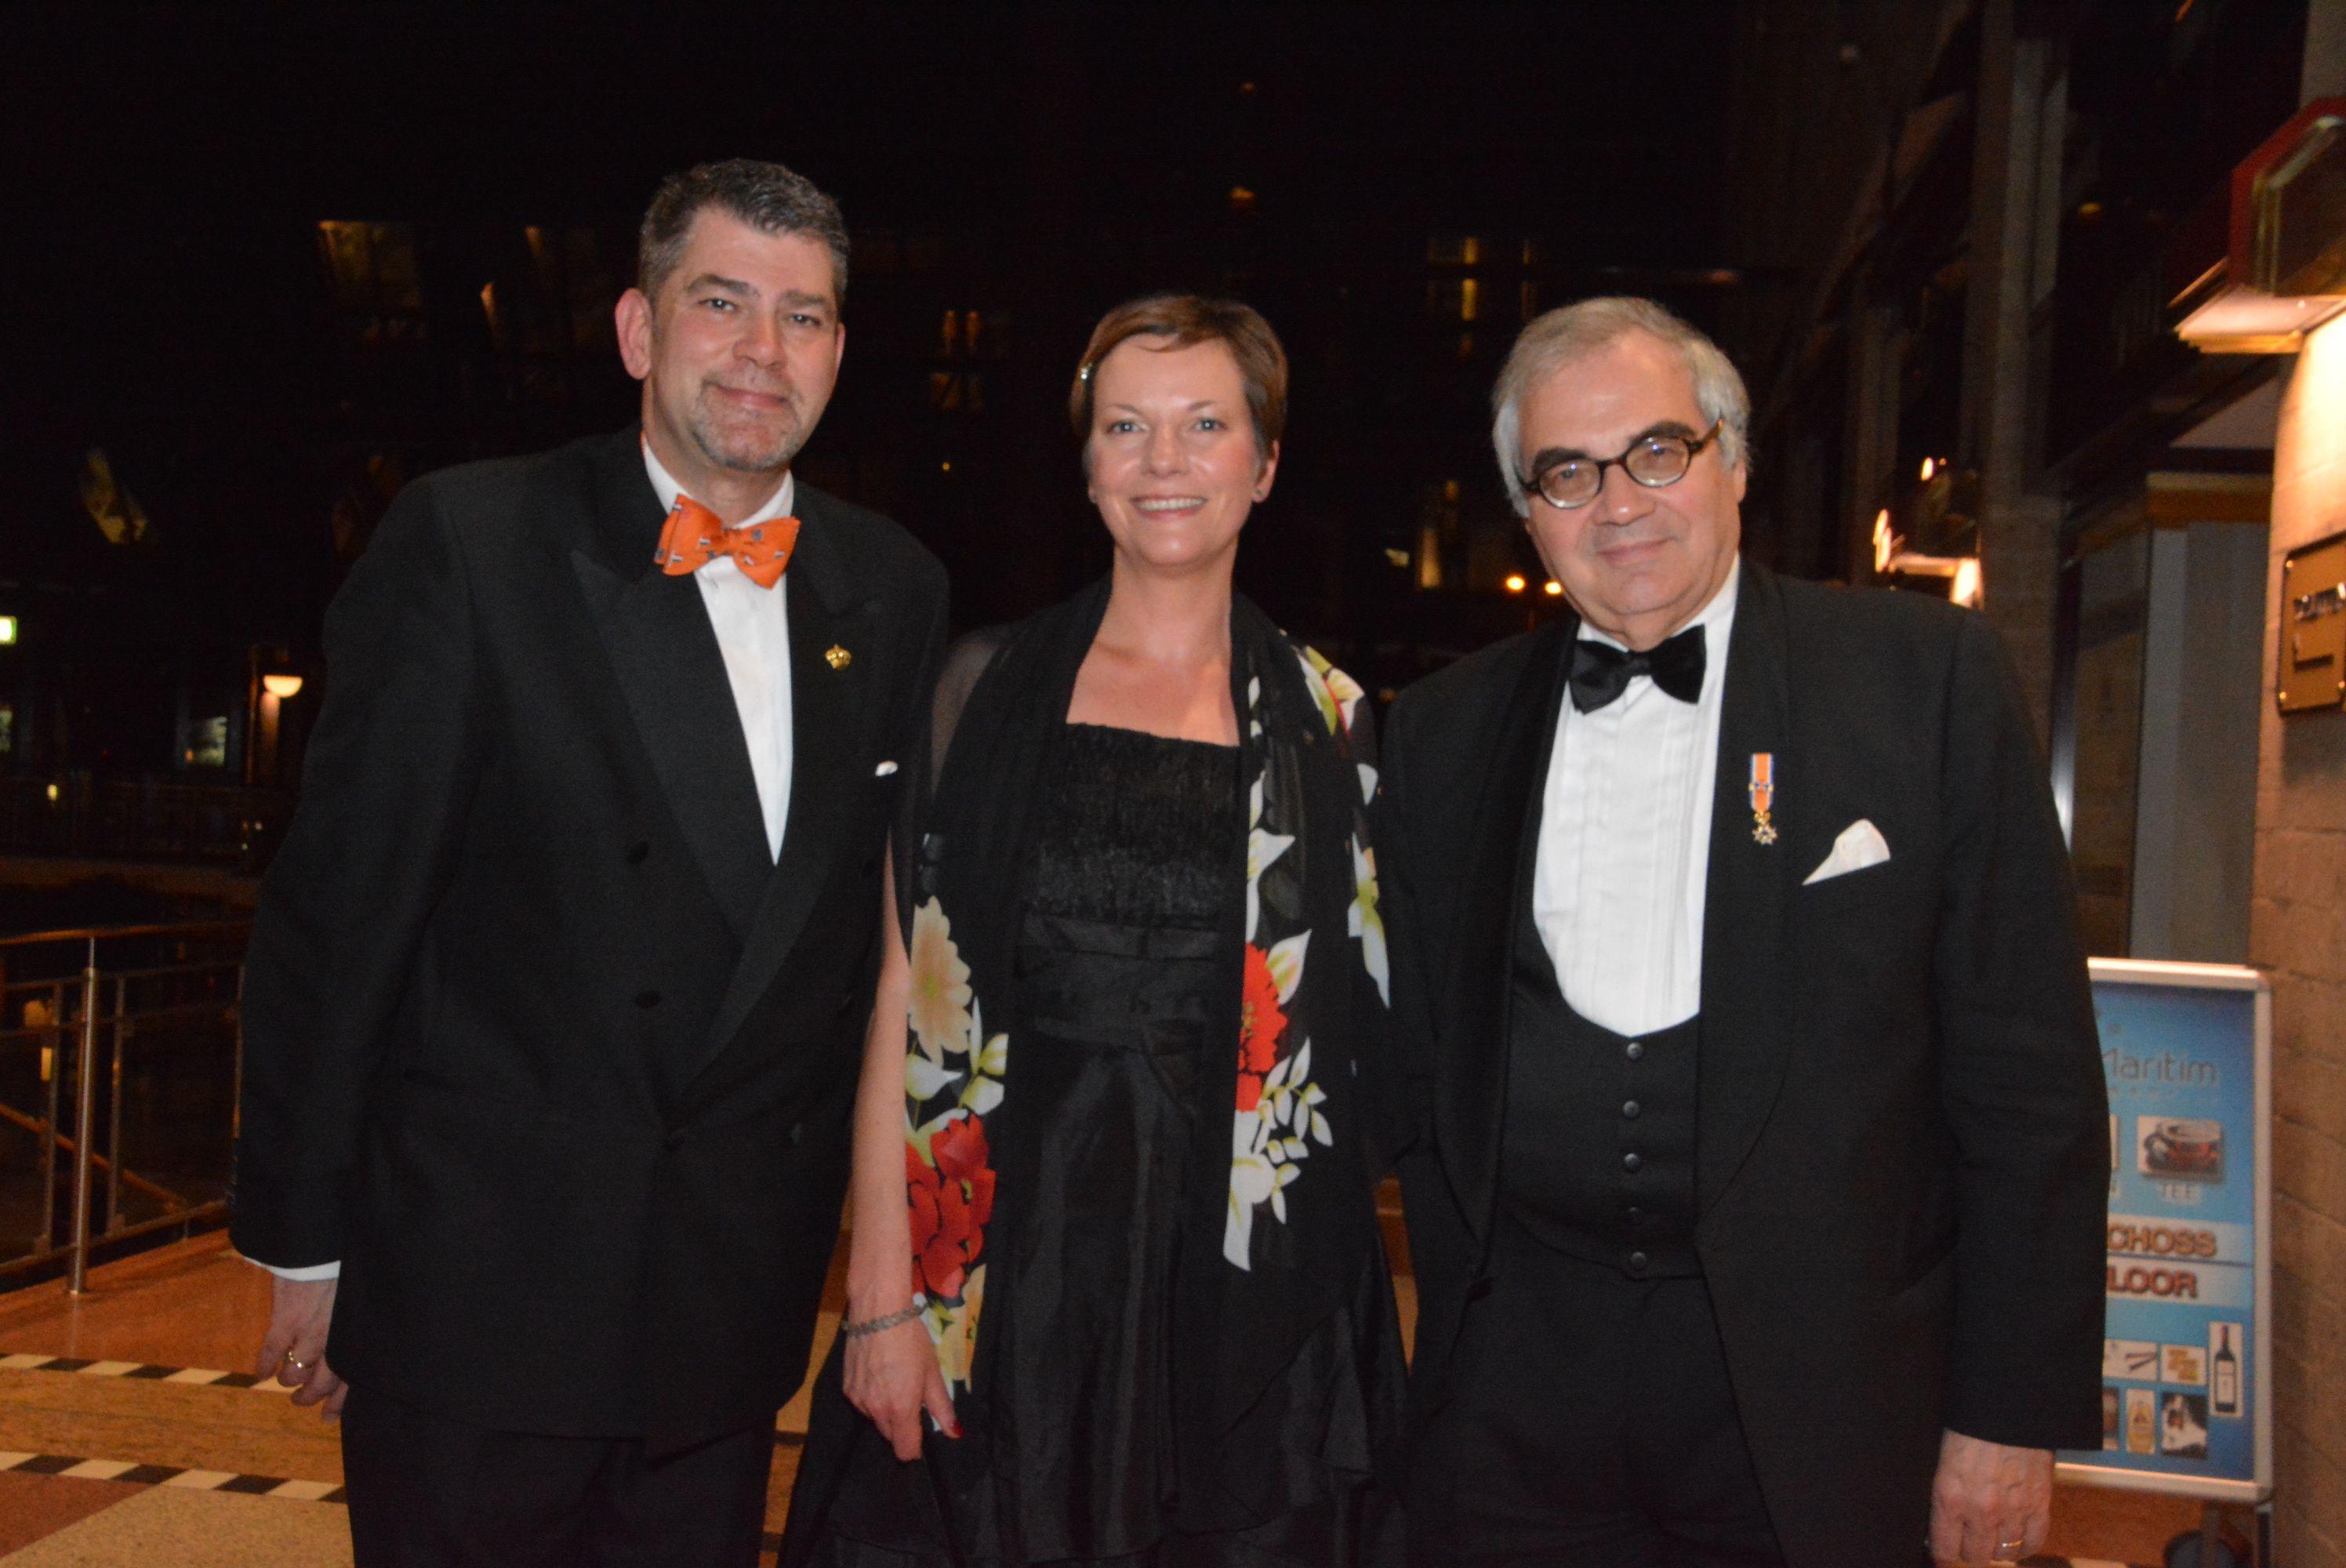 Diplomatische Annäherung: Jean Möhring, Alexandra Klaus (NBTC) und Thomas Läufer, Botschafter a.D. in Den Haag